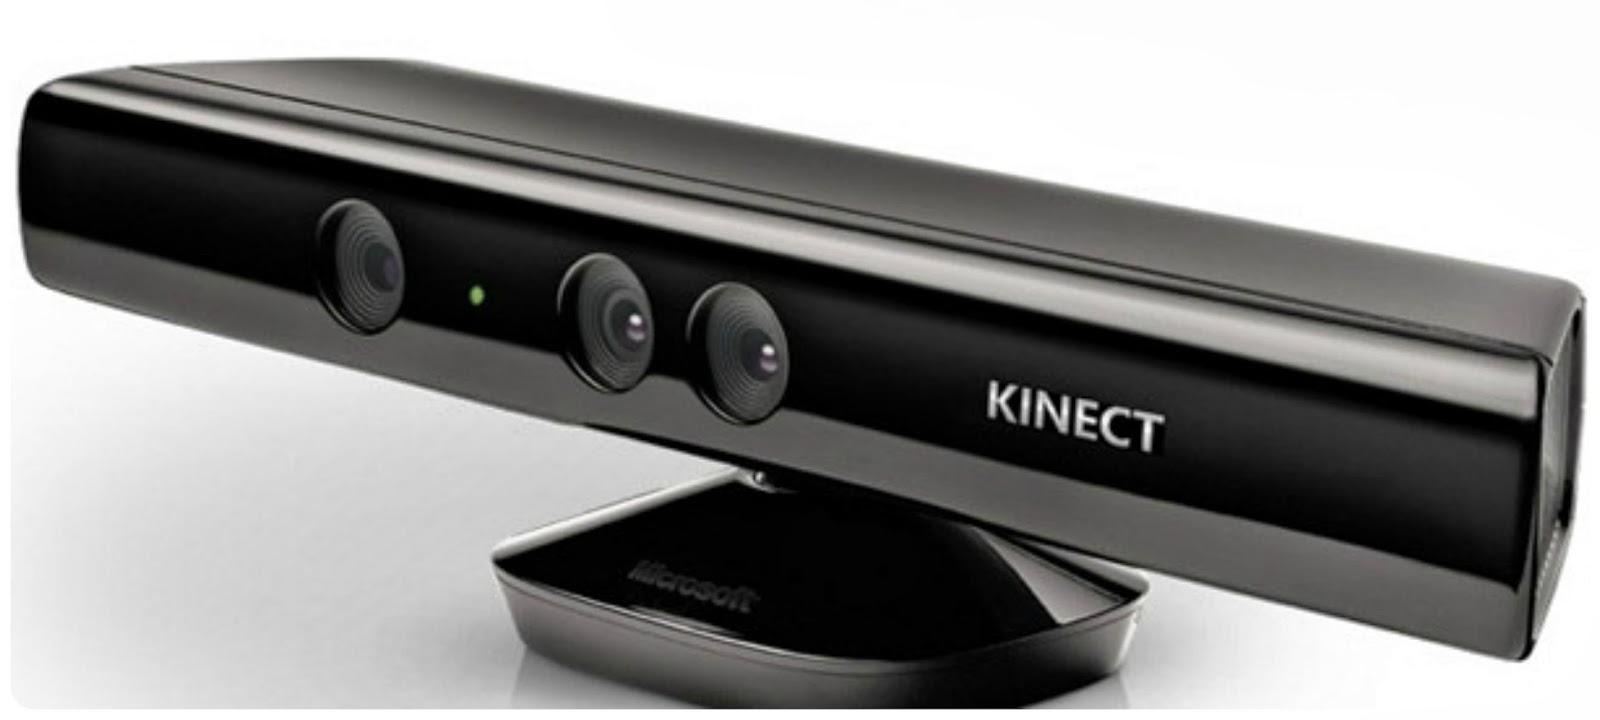 Periférico para Windows - Kinect - interactuar con pc con sensores